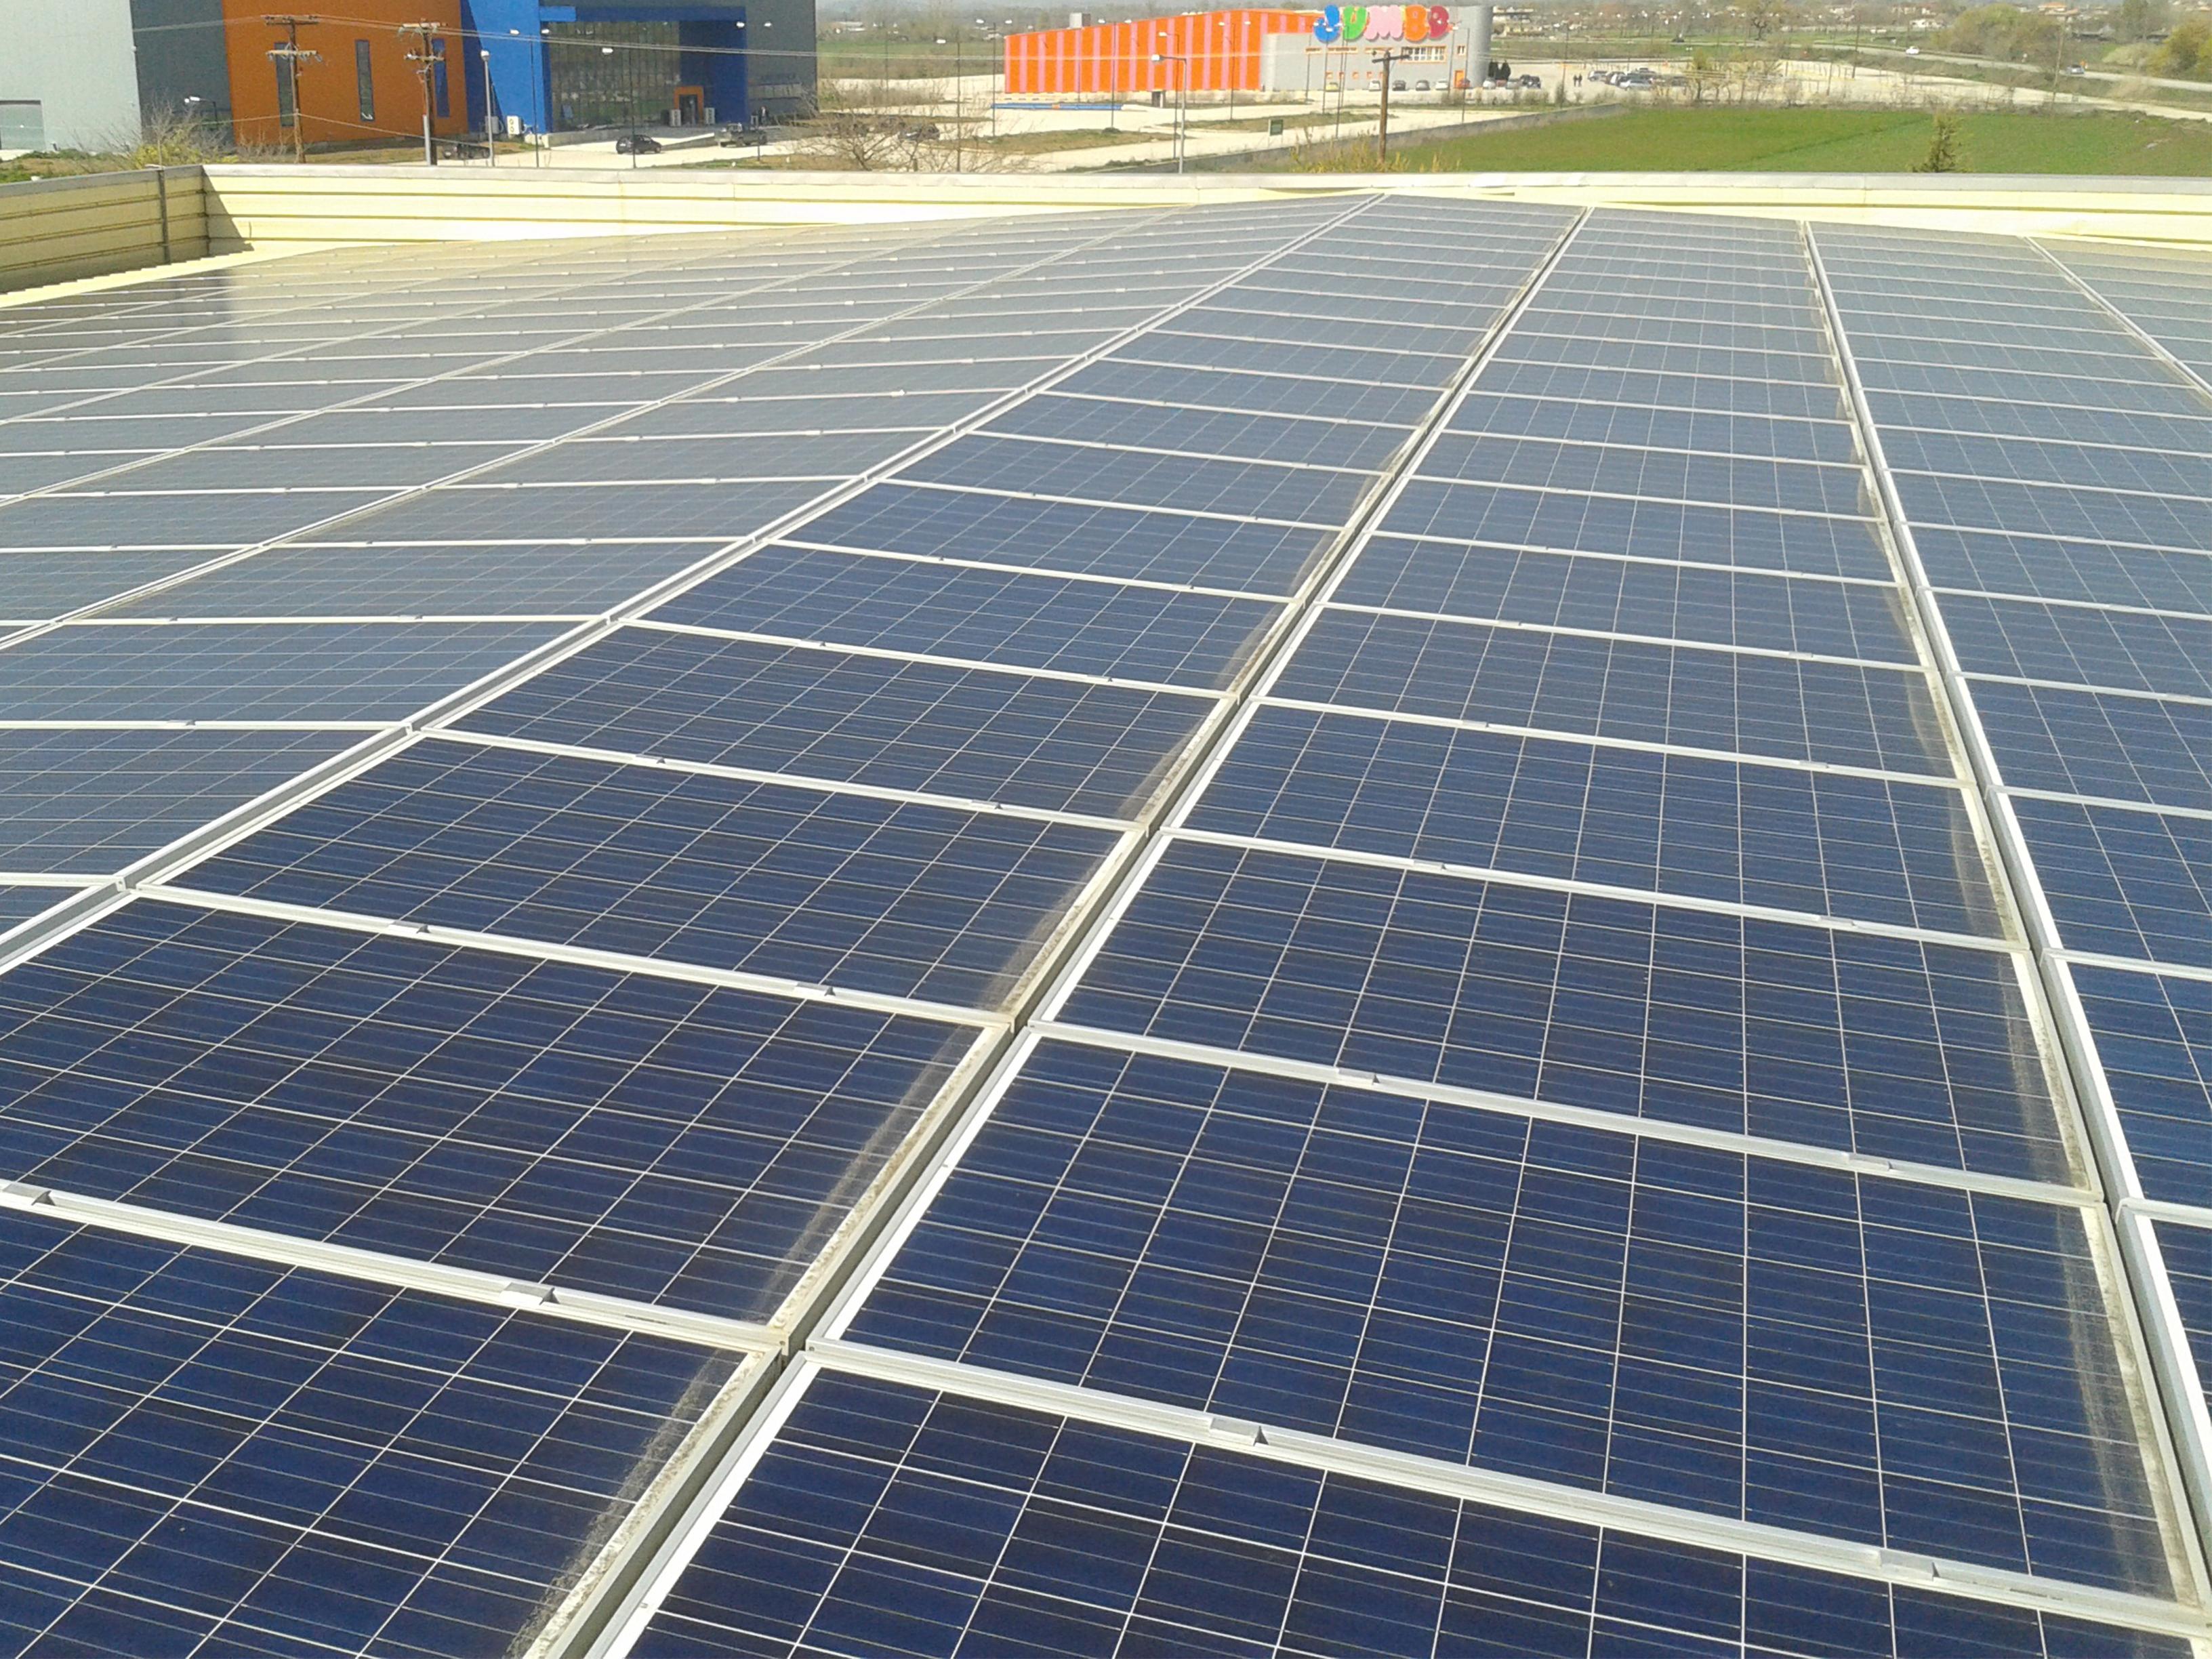 Φωτοβολταικο παρκο επι κτιριου 100kW Τρικαλα